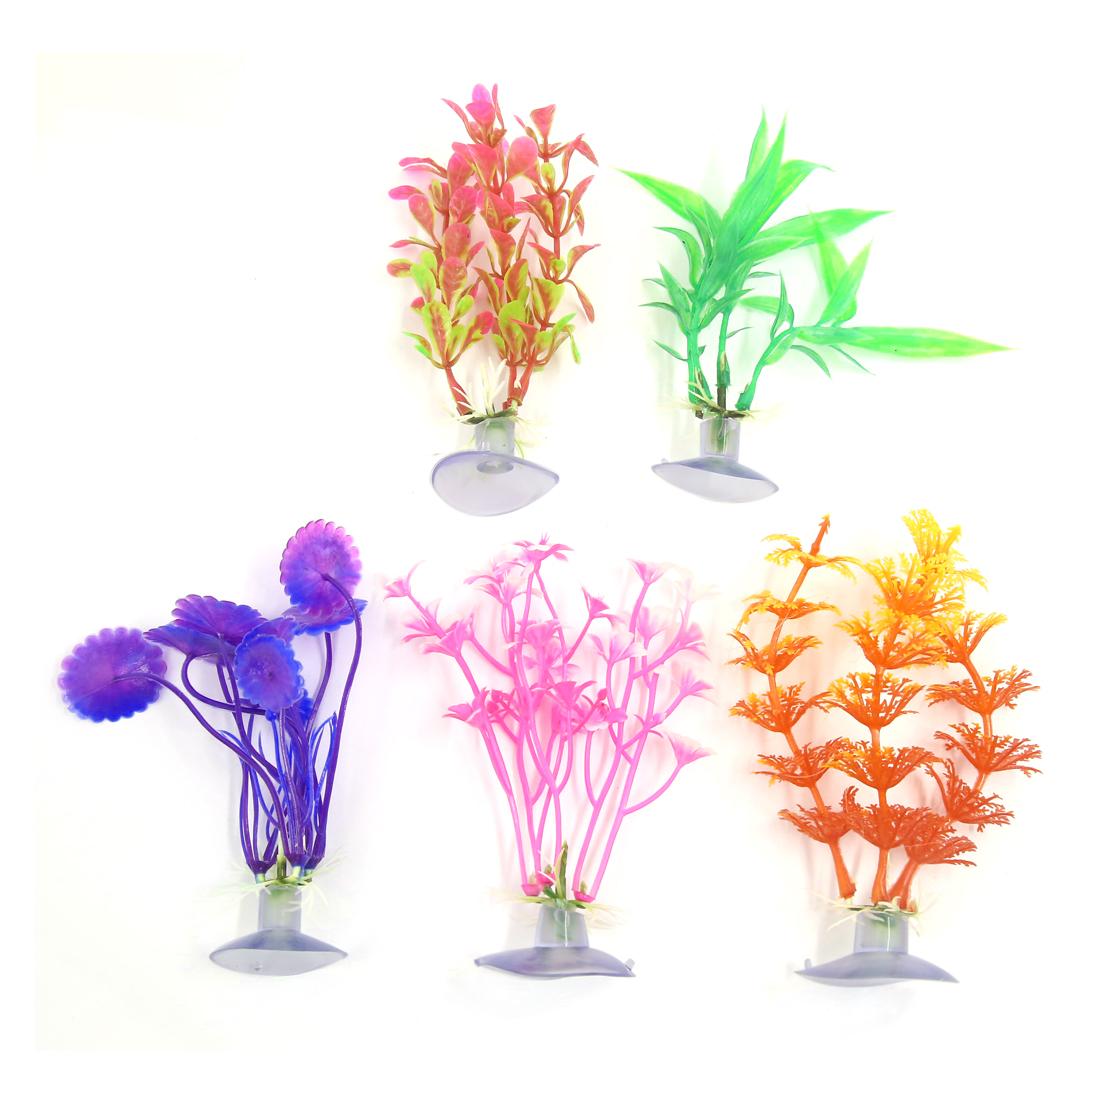 5 Pcs Aquarium Ornament Plastic Decoration Plant With Suction Cup 10cm